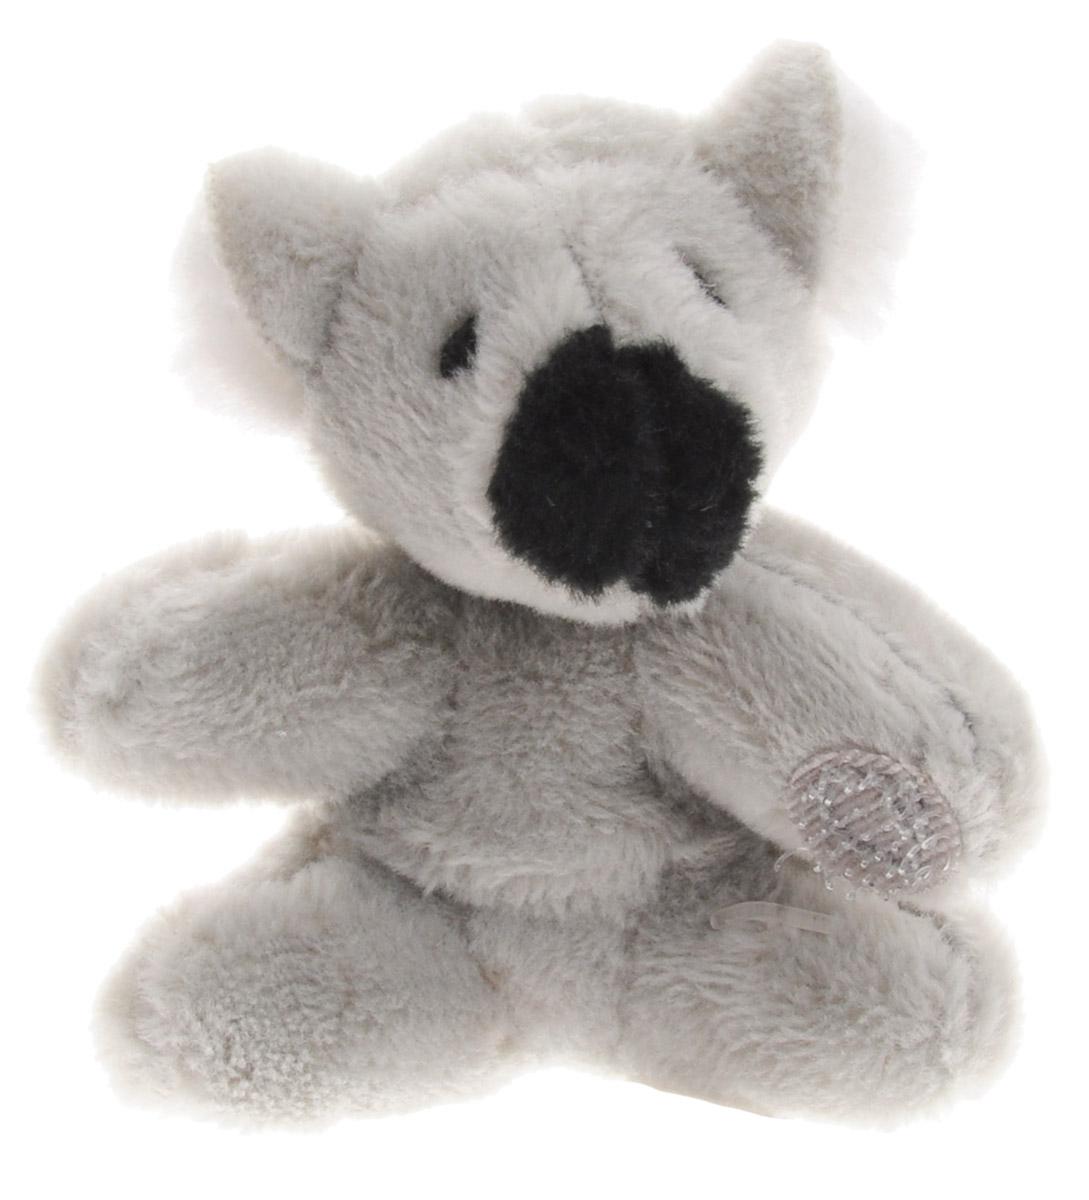 Beanzees Мягкая игрушка Коала Kiki 5 смB31001_12_серый коалаСимпатичная миниатюрная мягкая игрушка Beanzees Коала Kiki - это игрушка три в одном. Ее приятно держать в руках, увлекательно коллекционировать, а также эти игрушки можно соединять между собой с помощью липучек и носить как оригинальное украшение на шею или на руку. По легенде эти крошечные животные обитают все вместе в волшебном лесу под названием Бинзилэнд, в котором всегда ярко светит солнышко и цветут цветы. Размер игрушки 5 см, она выполнена из мягкого гипоаллергенного материала, набивка - синтетическое волокно, в том числе специальные пластиковые гранулы, делающие эту игрушку замечательным антистрессом. На лапках коалы располагаются маленькие текстильные липучки, с помощью которых игрушку можно соединять с другими.